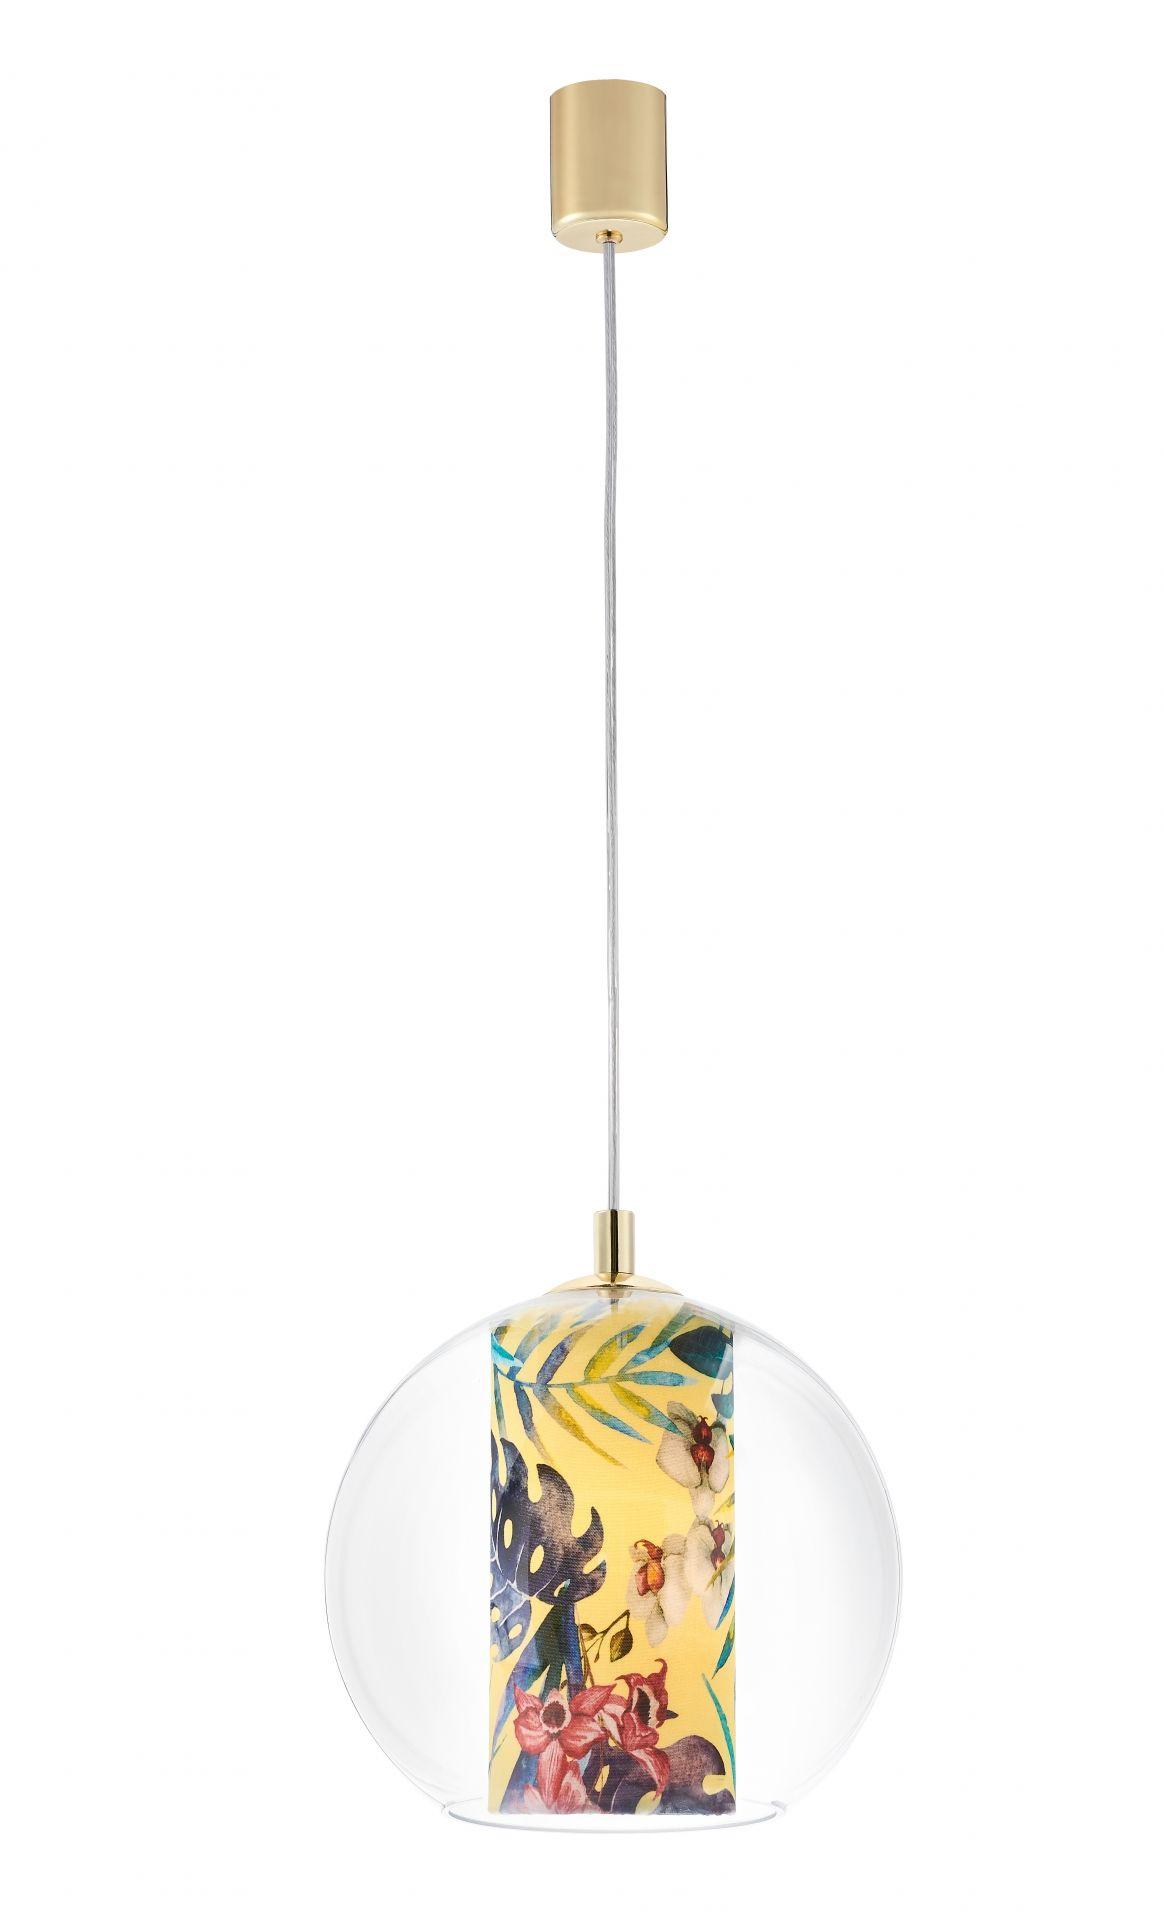 Lampa wisząca Feria S 10901114 KASPA nowoczesna oprawa w kształcie kuli